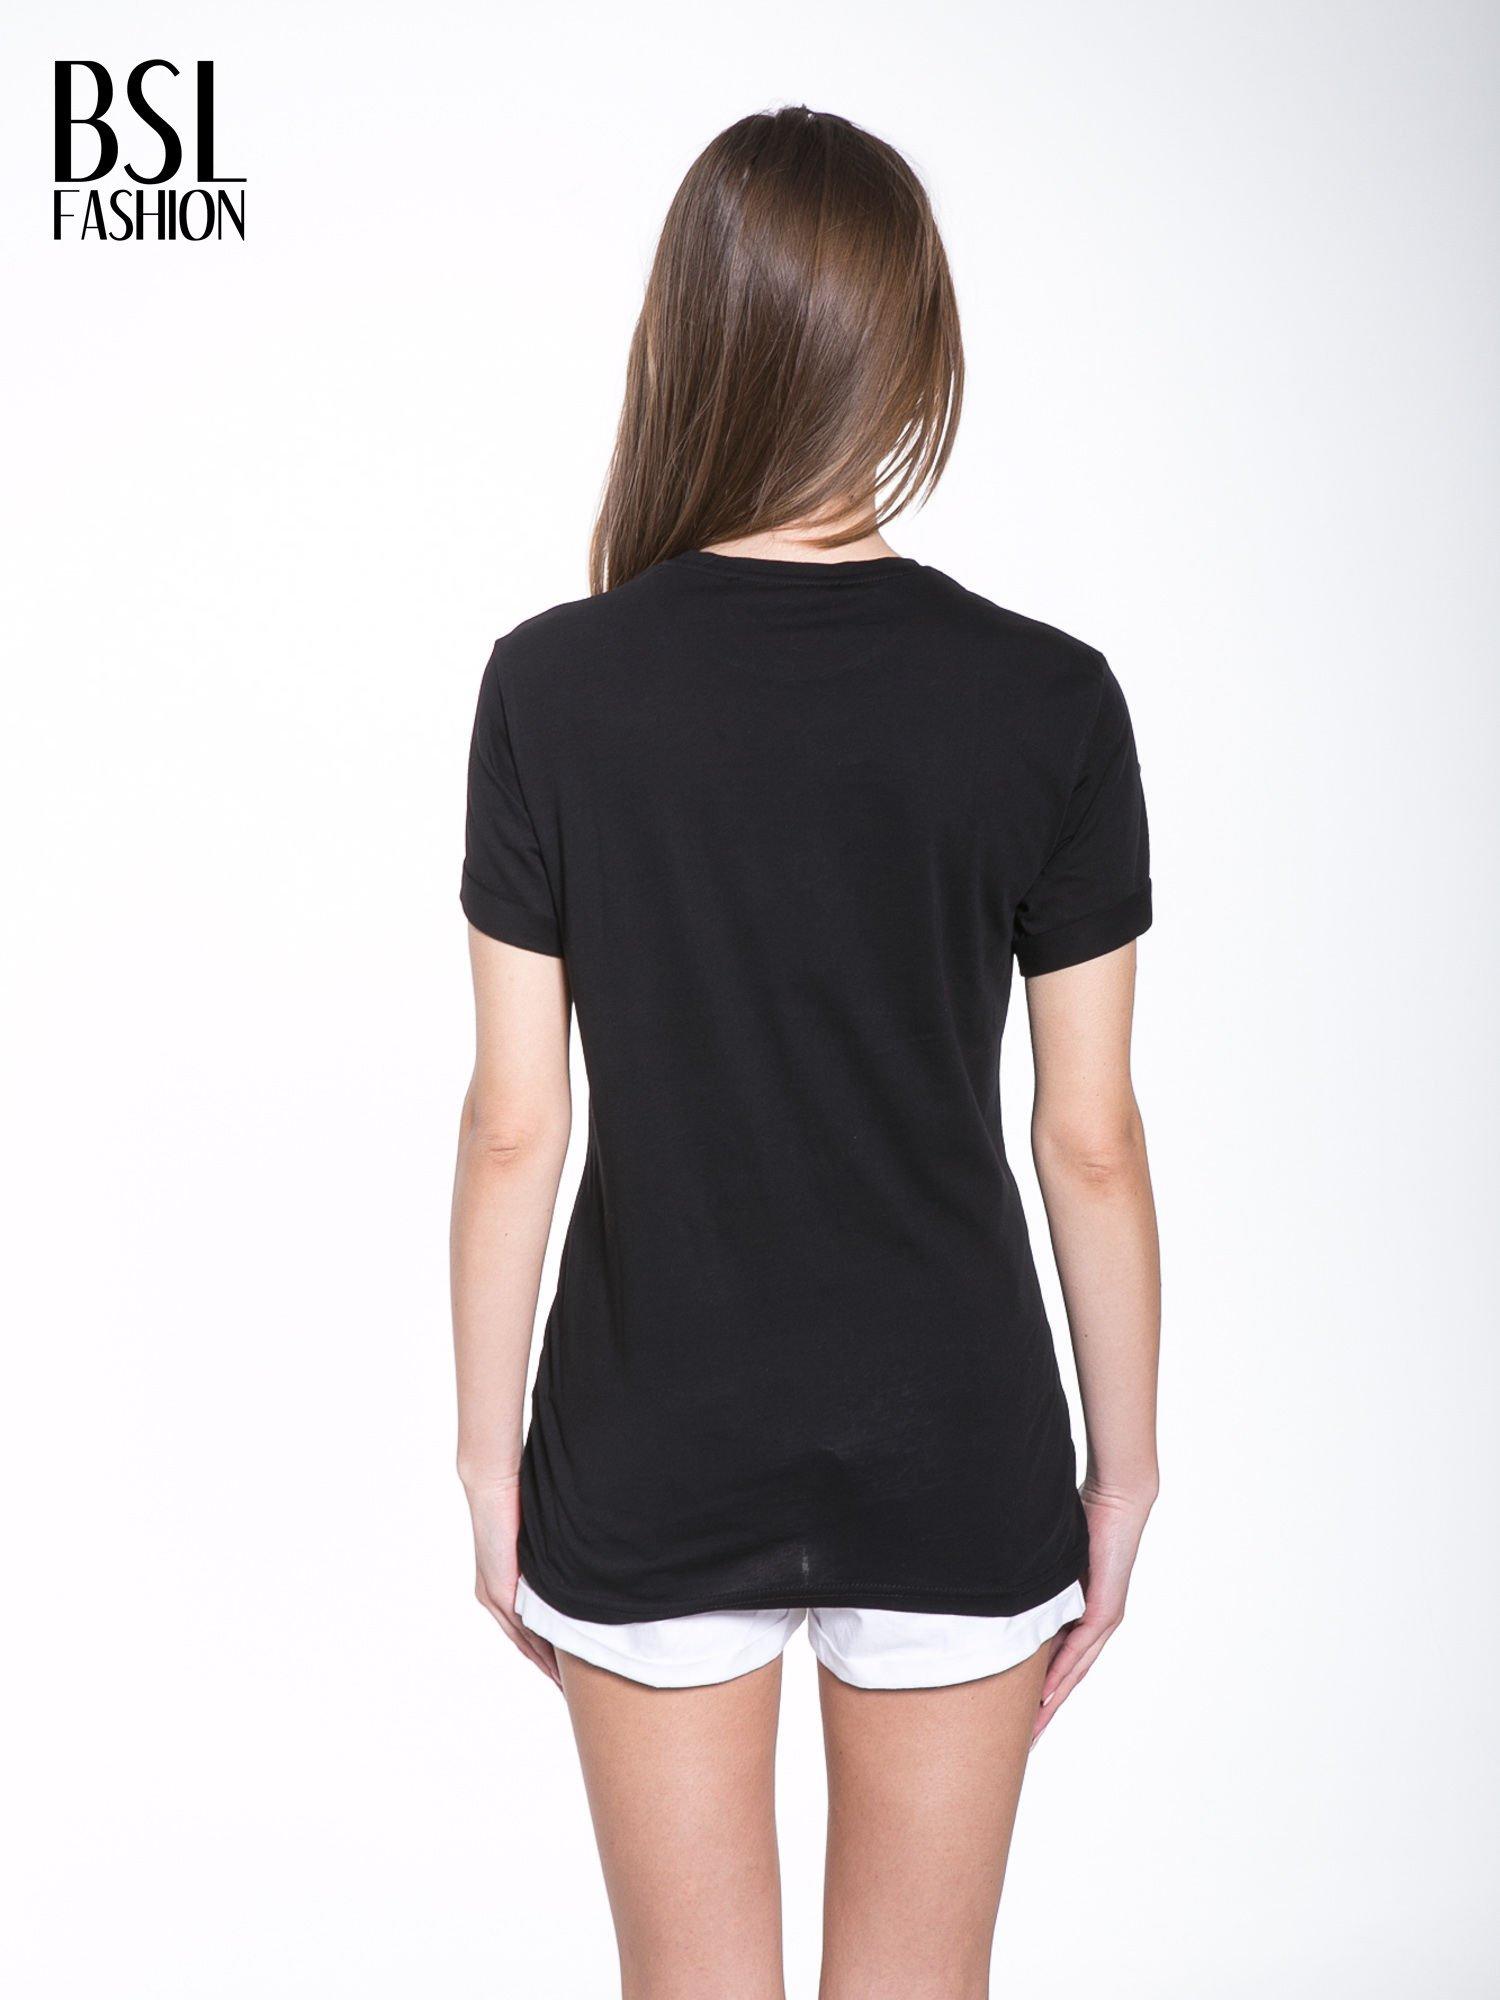 Czarny t-shirt z nazwami stolic mody                                  zdj.                                  4